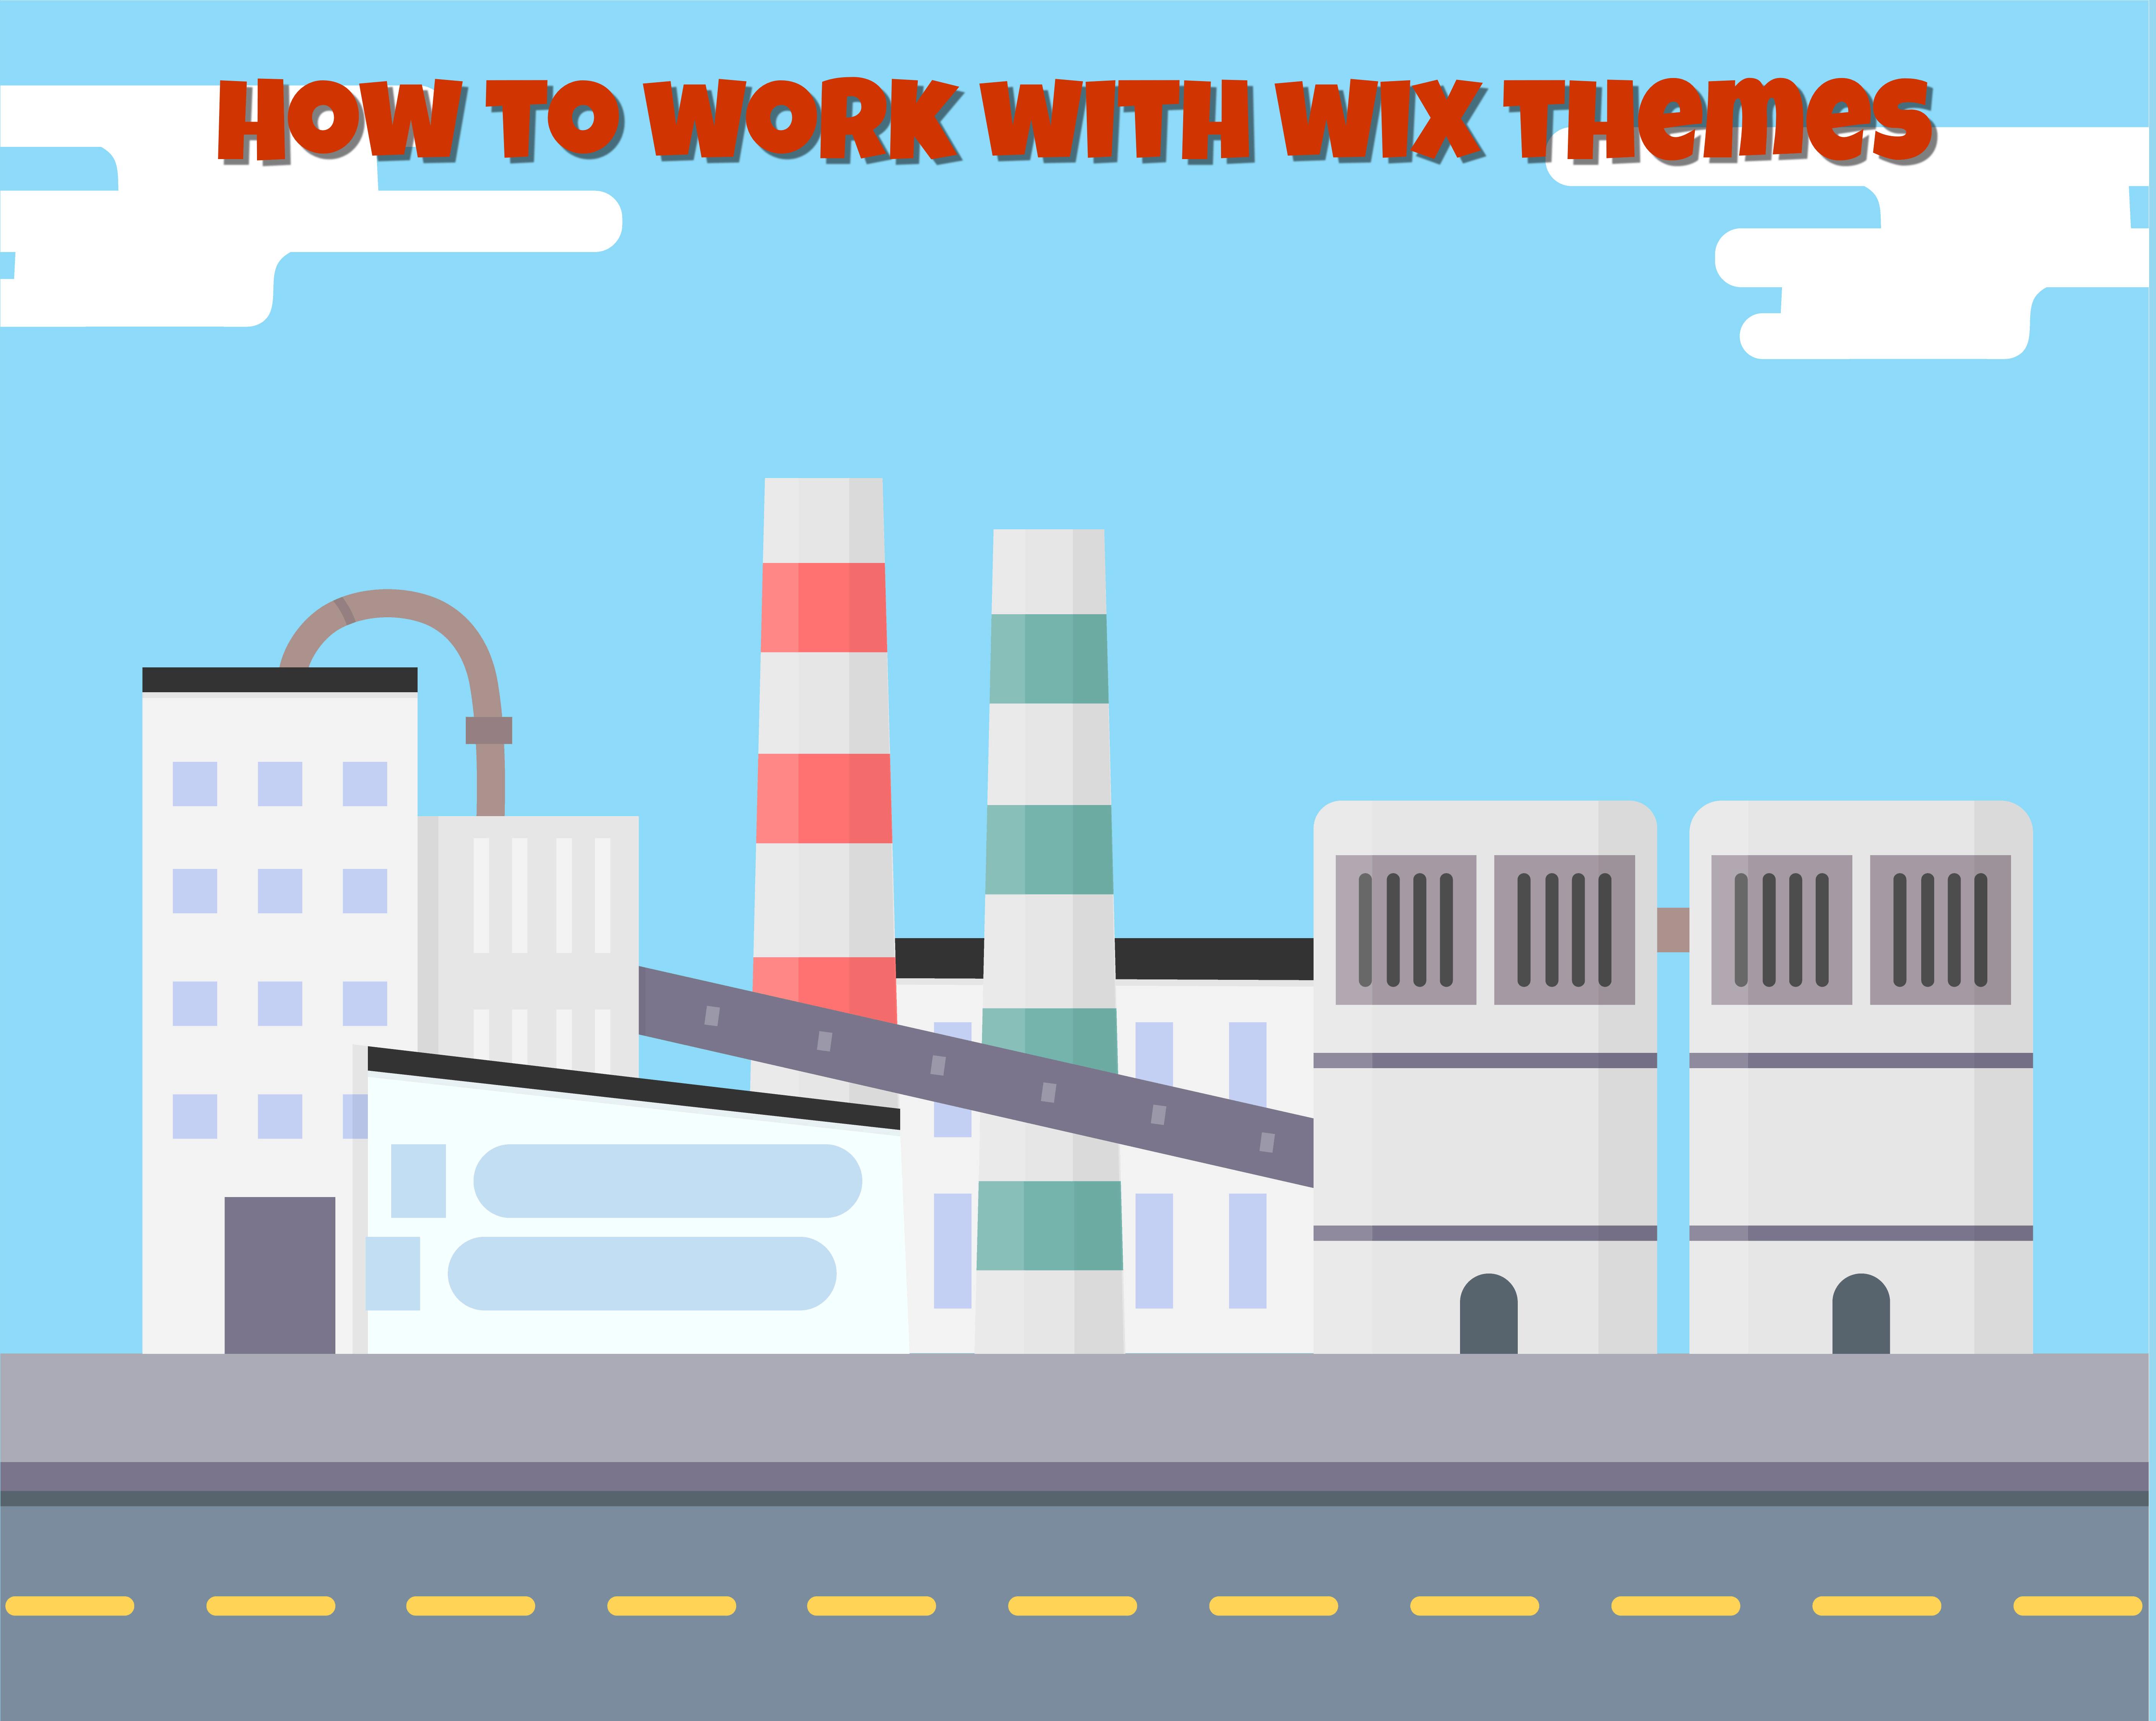 wix themes image